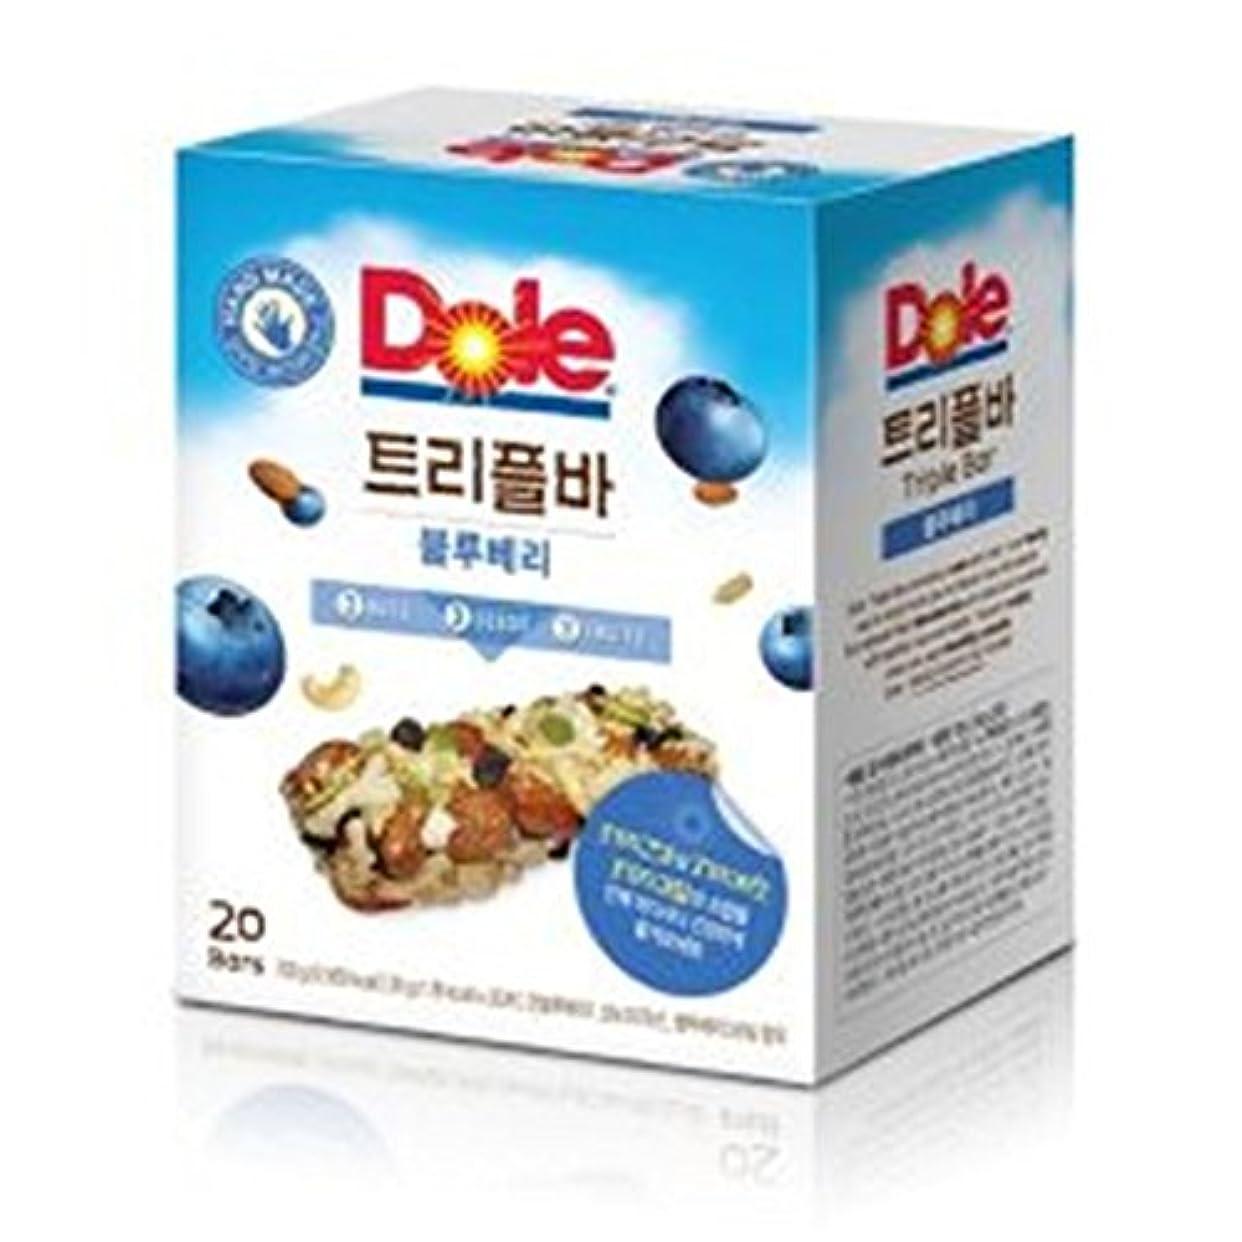 効能ある南極入口[ドール/Dole] Dole Triple Barドールトリプルバーブルーベリー35g x20個/3つのナットと3つのフルーツ、3つの種子で作成は栄養がたっぷり詰まったDiet Bar穀物バー/シリアル/栄養バー[健康...